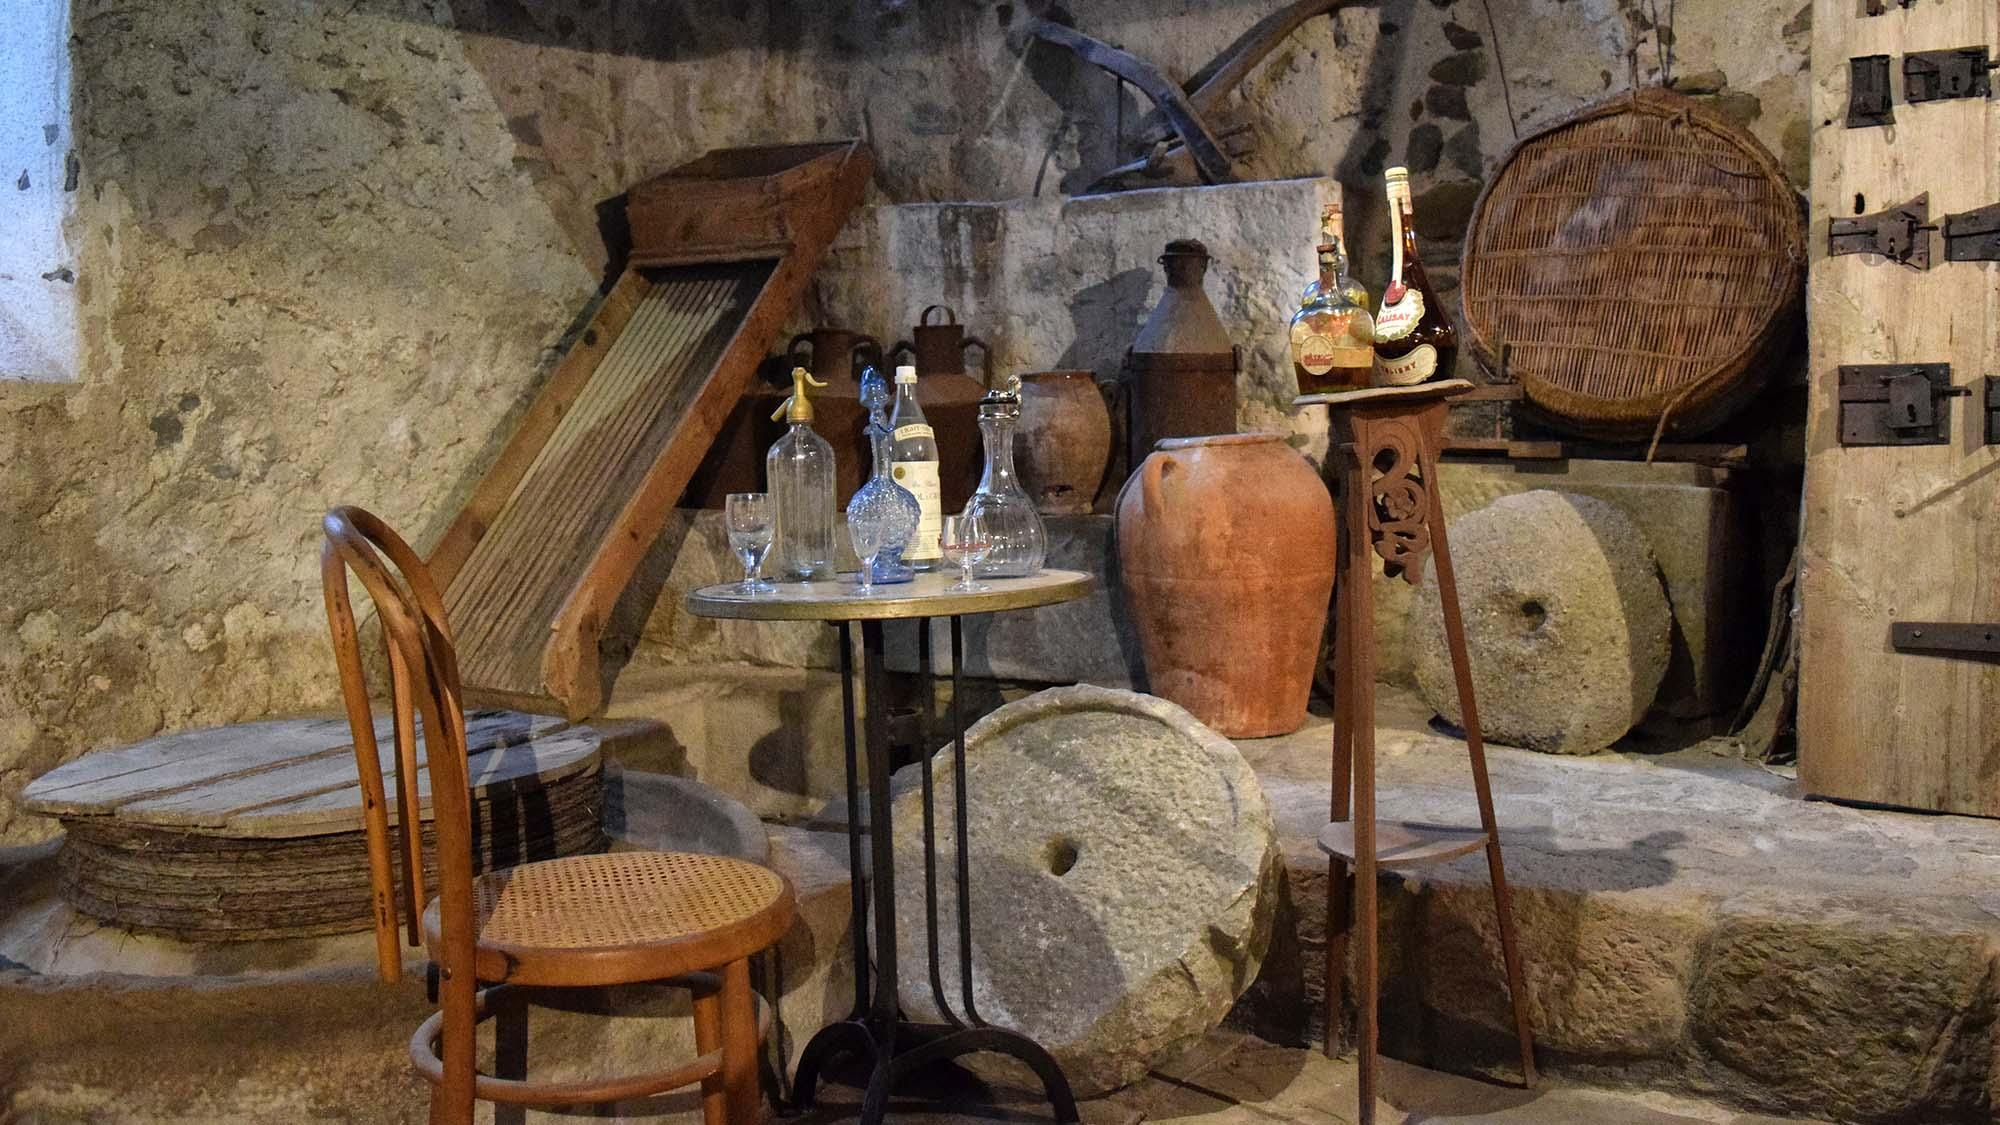 Museu de Casa Molí de la Font